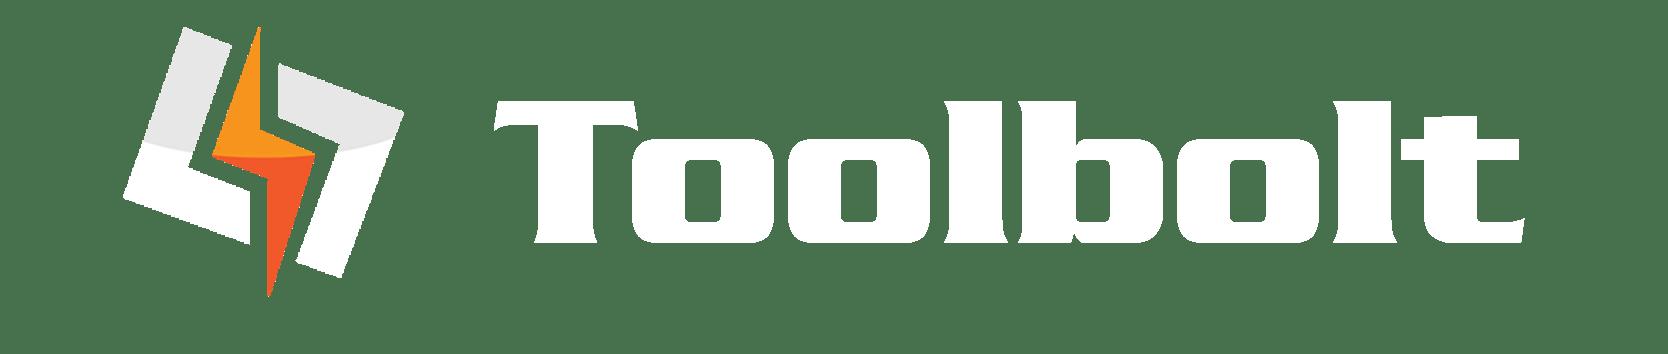 Toolbolt